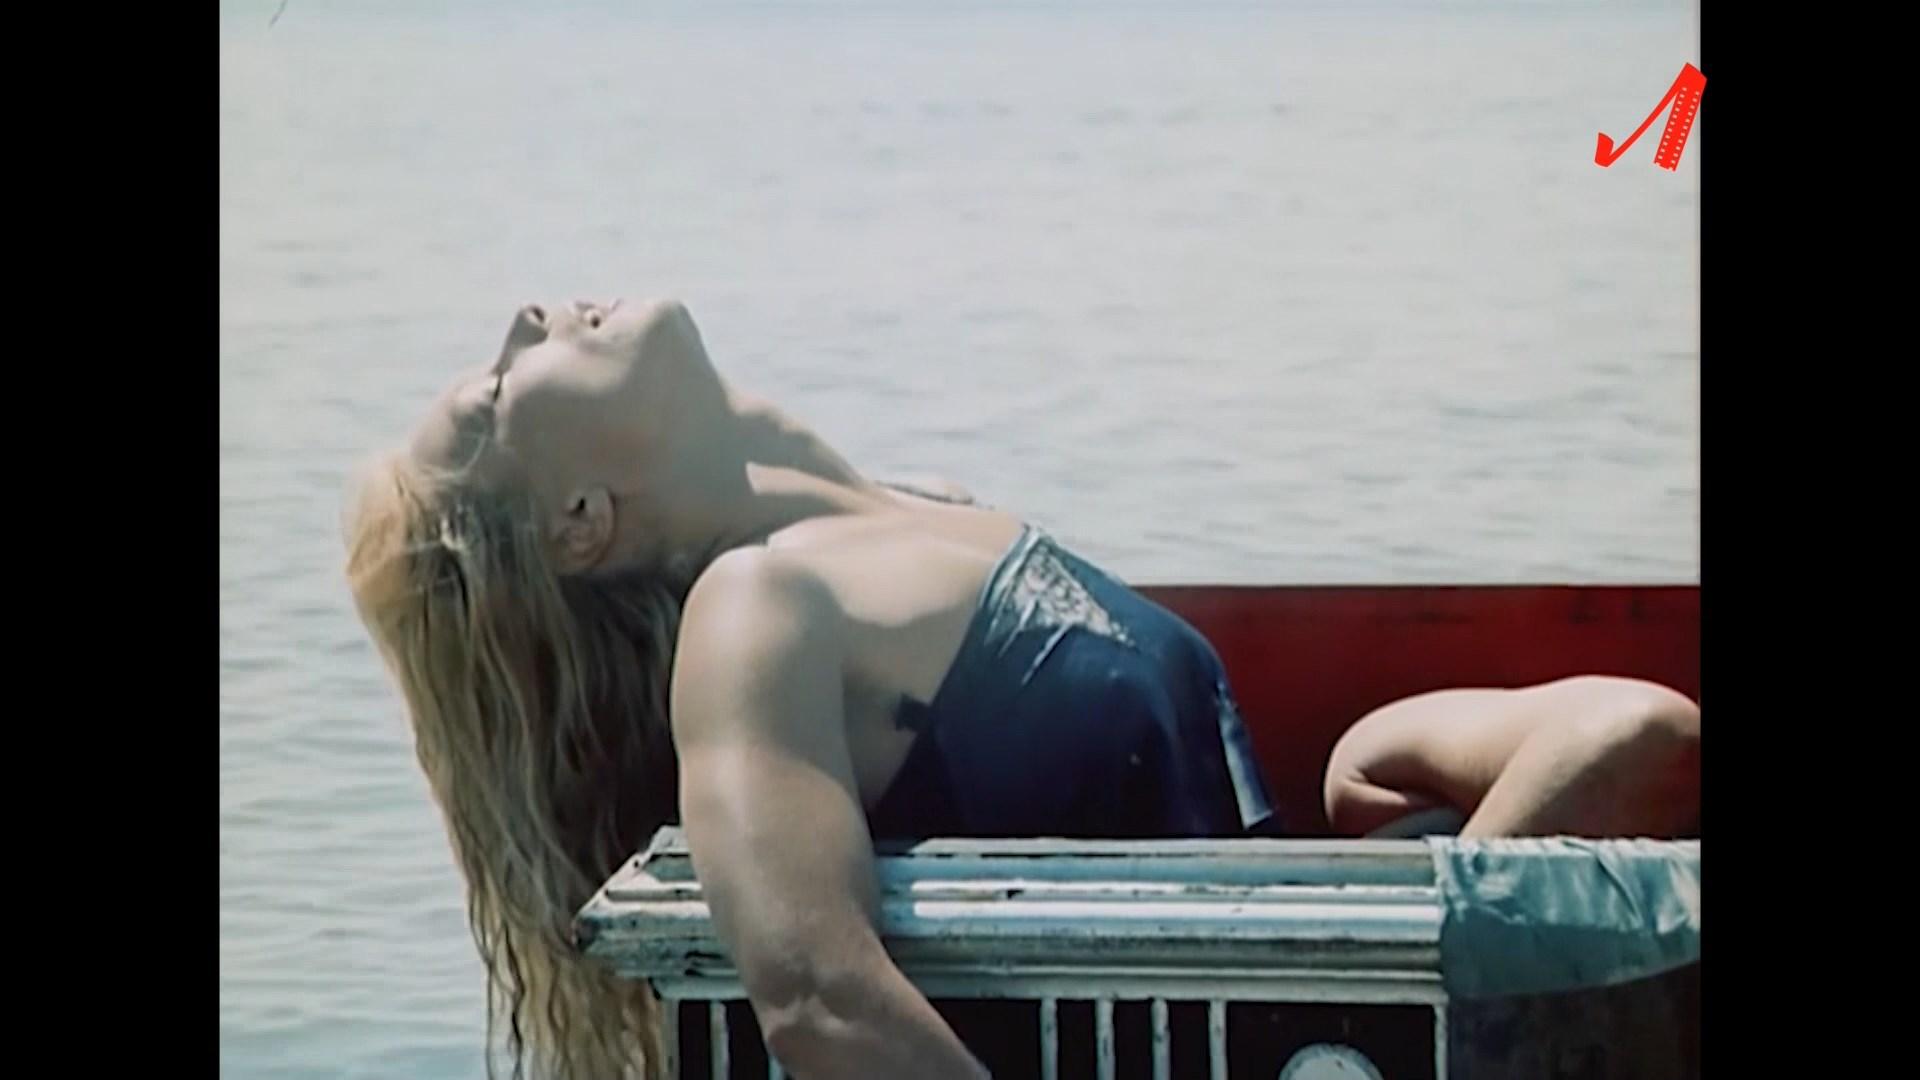 Лариса Белогурова. Остров погибших кораблей (1987) 1 серия.1.jpg